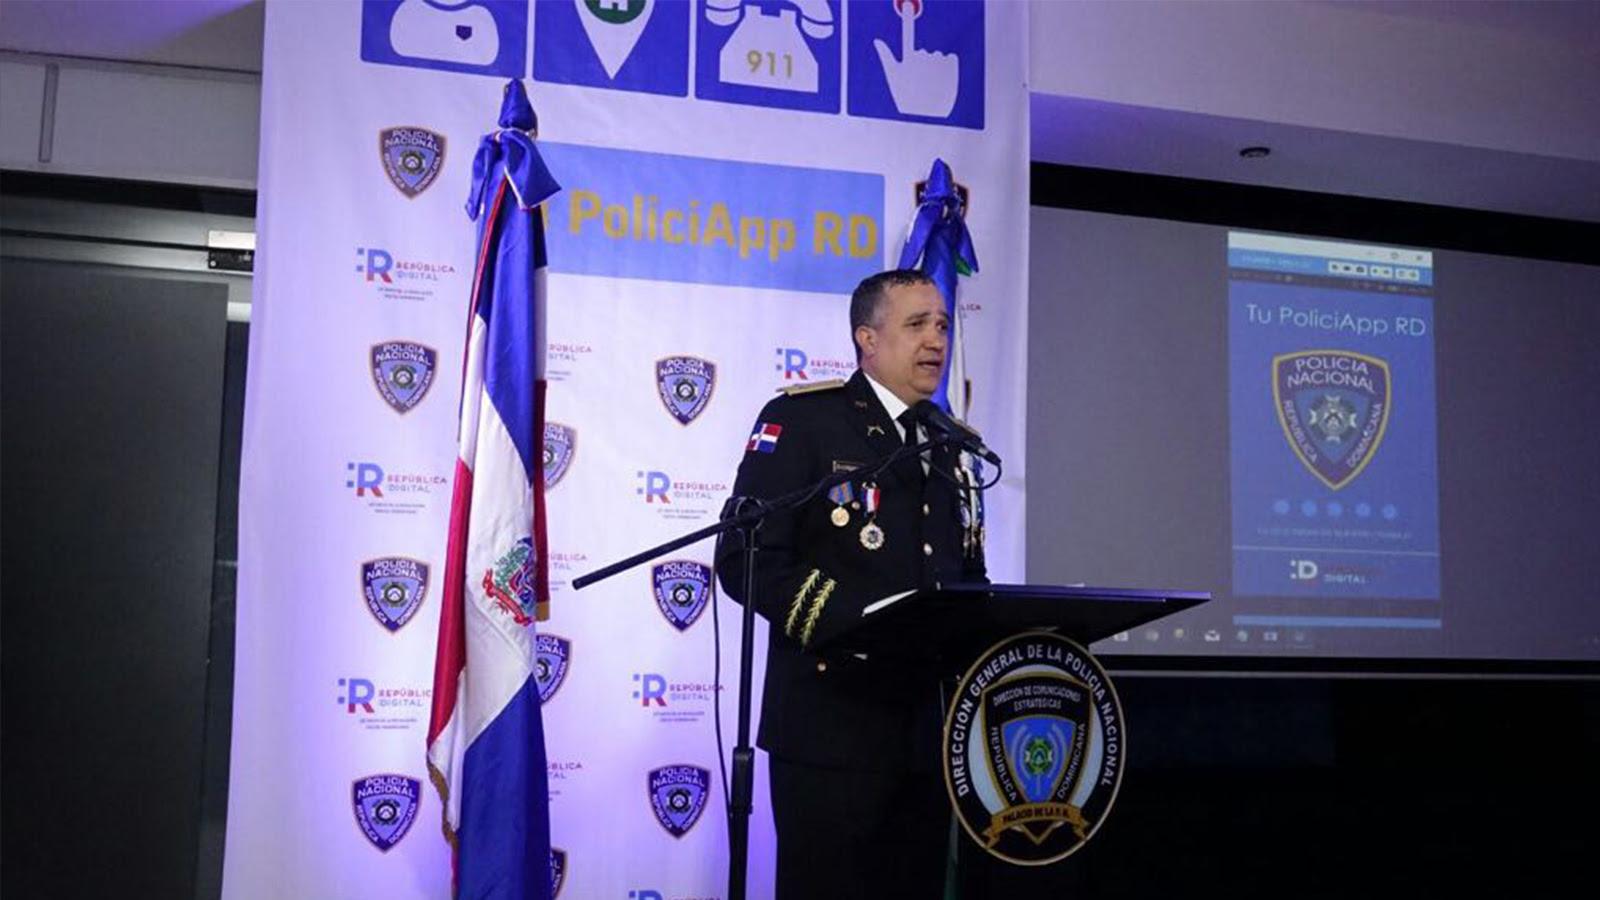 Para reportar delitos: Policía Nacional pone en funcionamiento aplicación móvil